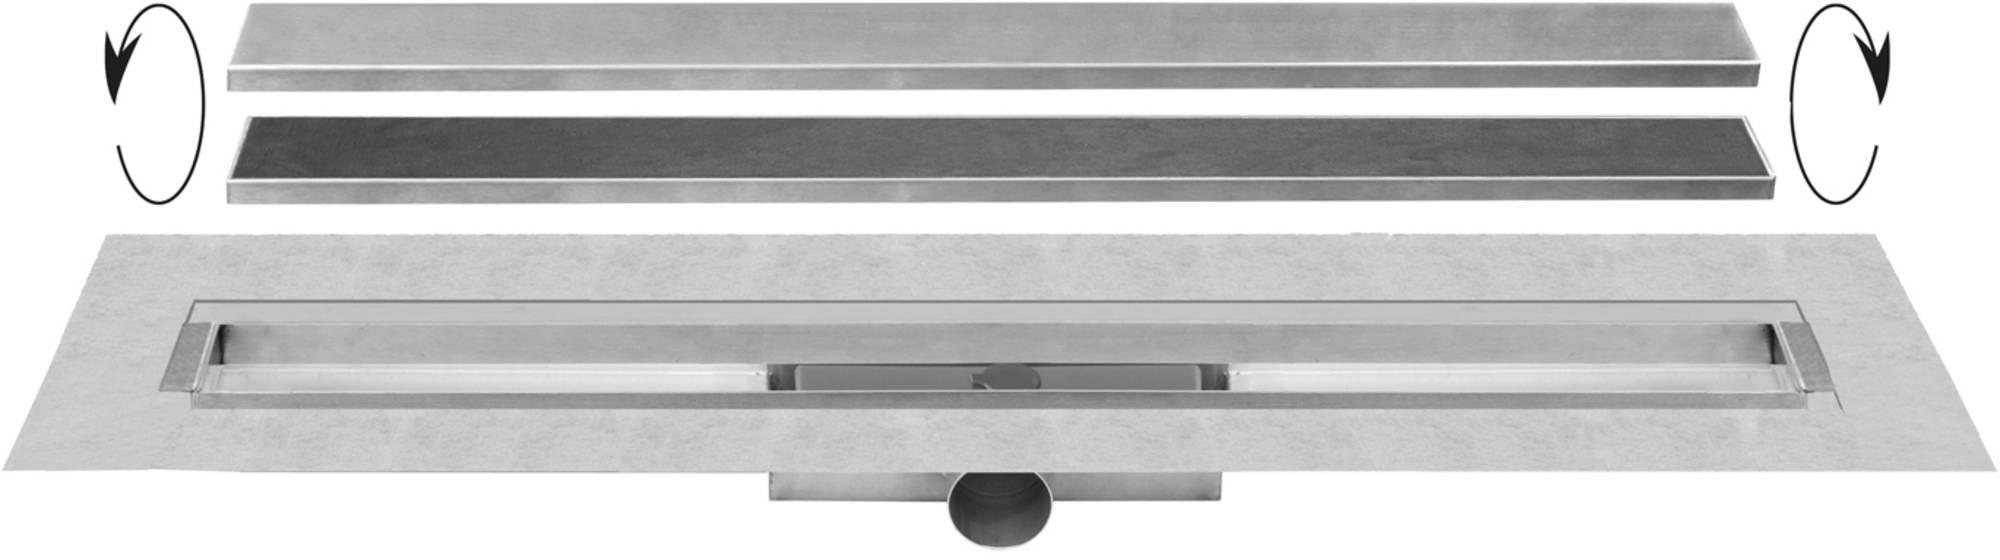 Easydrain Compact 30 taf afvoergoot 70 cm,rooster als zero of tegel design, rvs